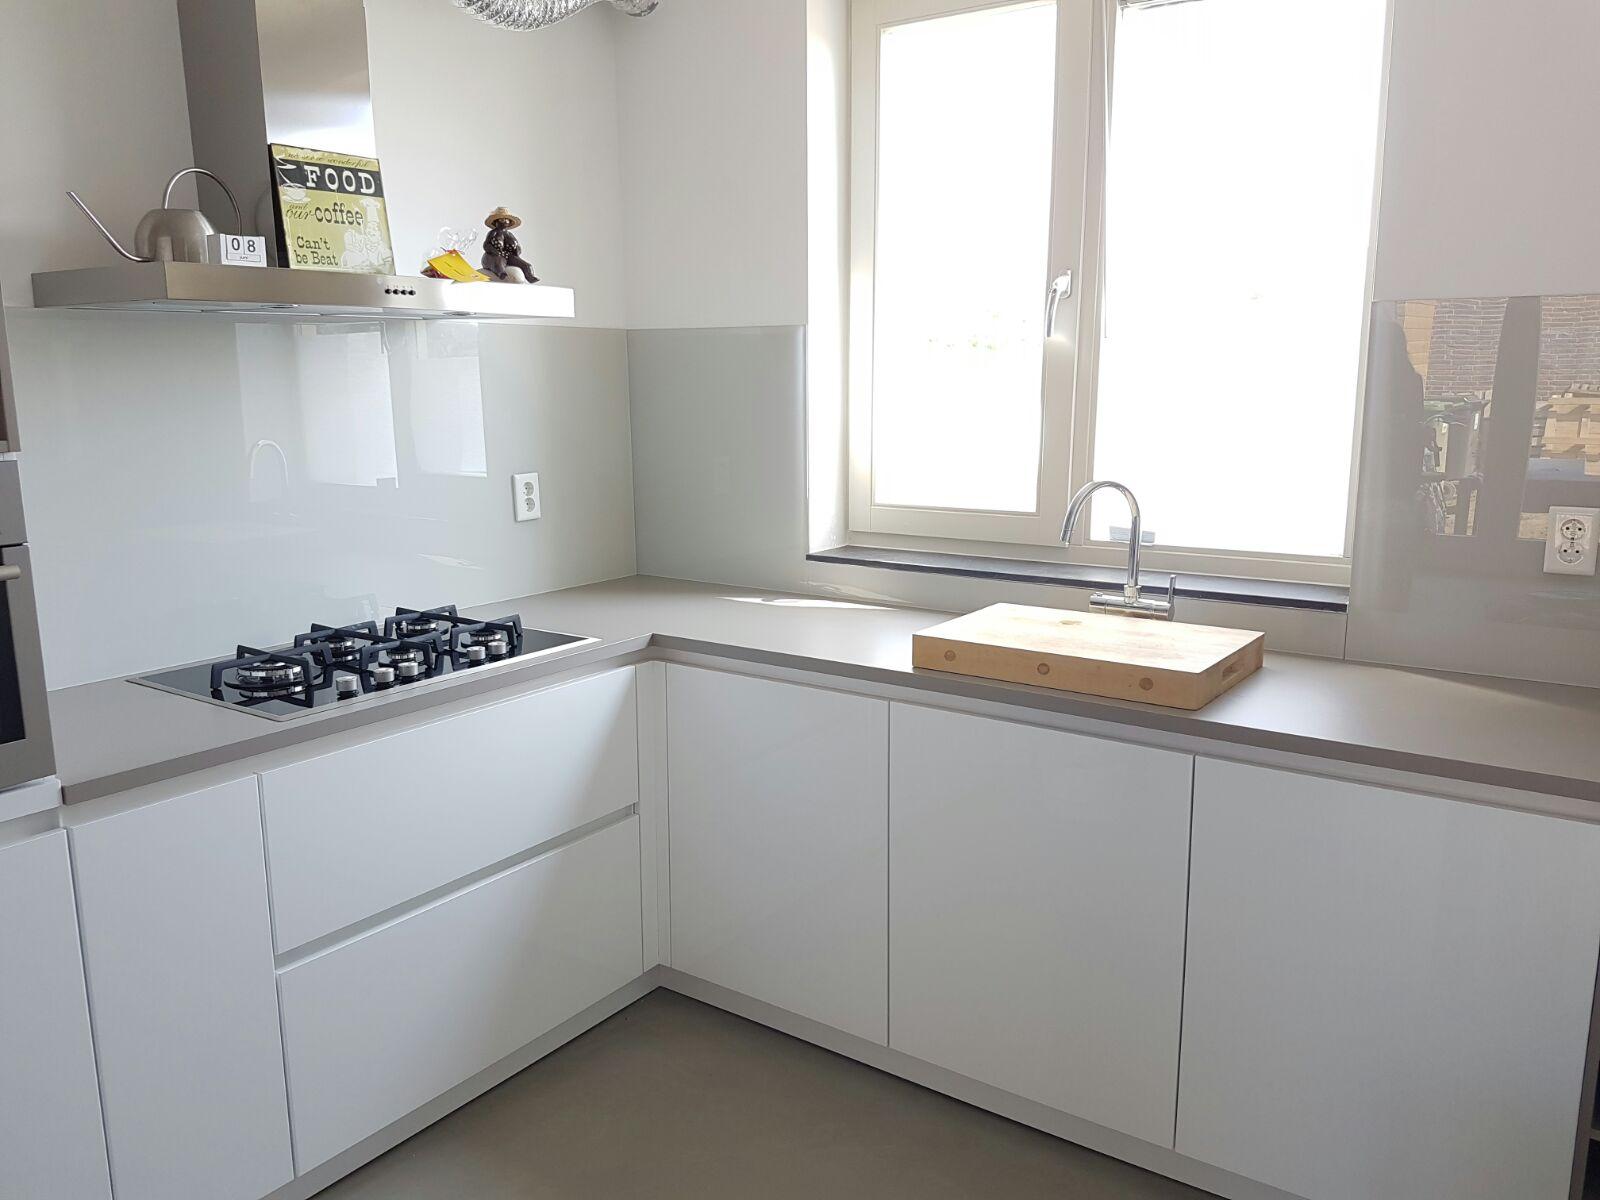 Achterwand keuken idee - Keuken kleur idee ...